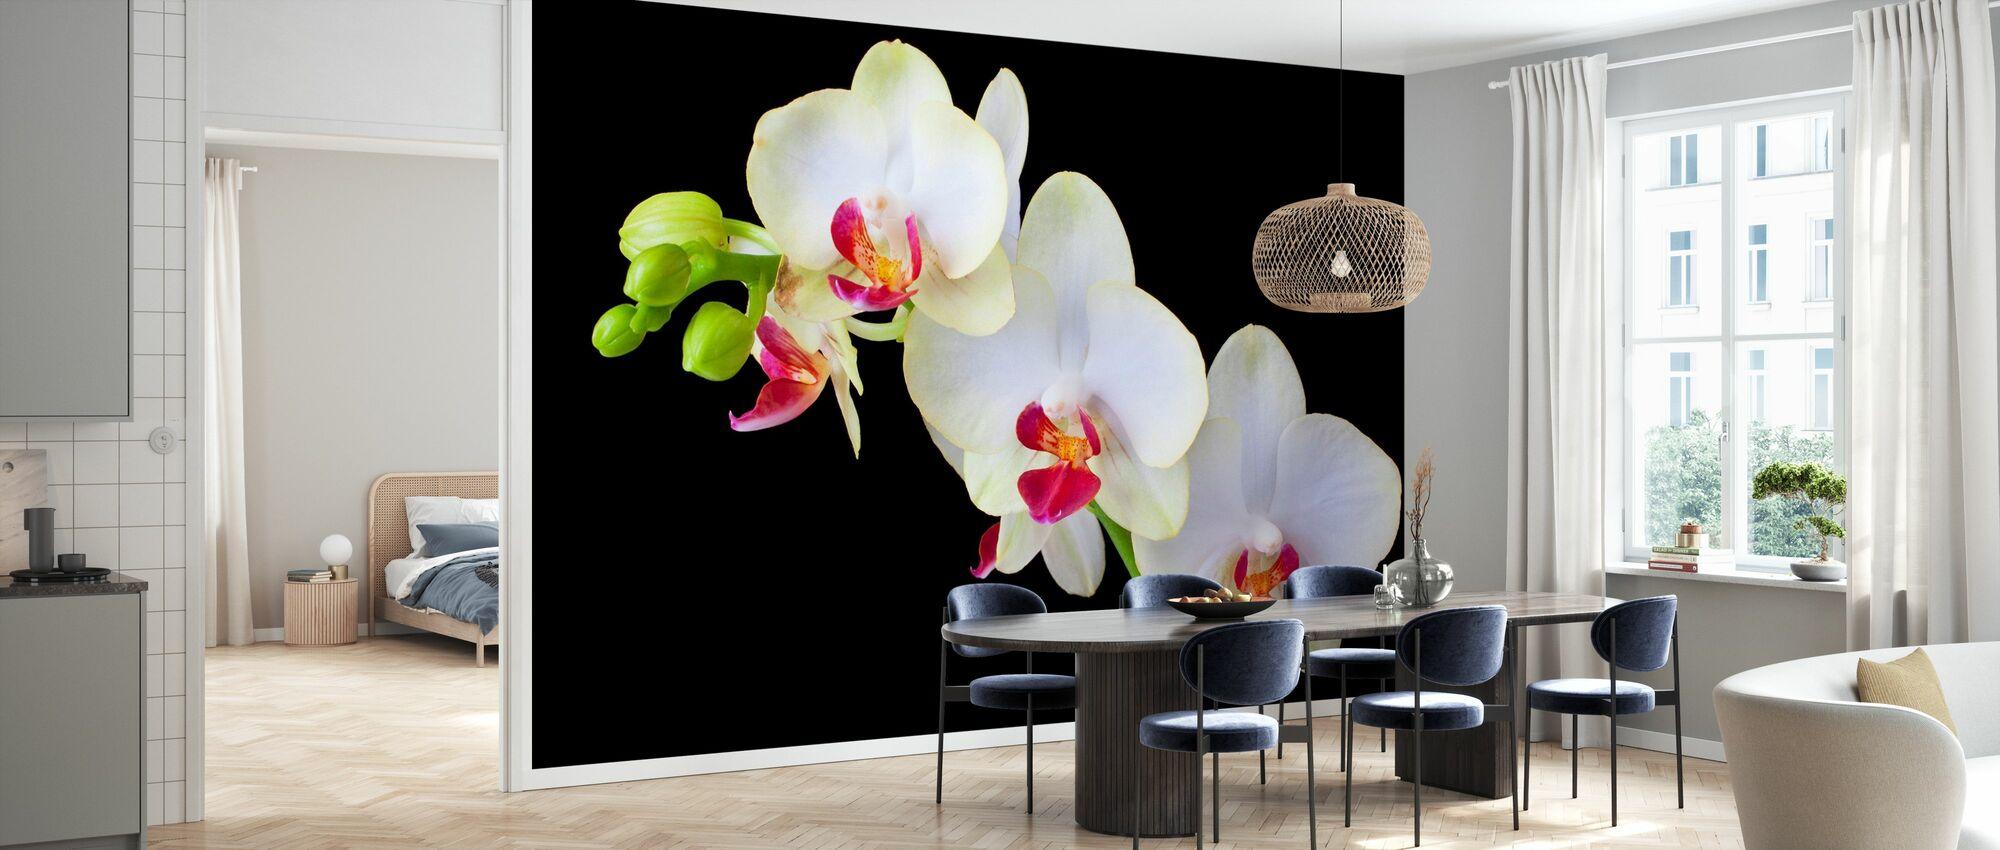 Hvide orkideer på sort baggrund - Tapet - Køkken